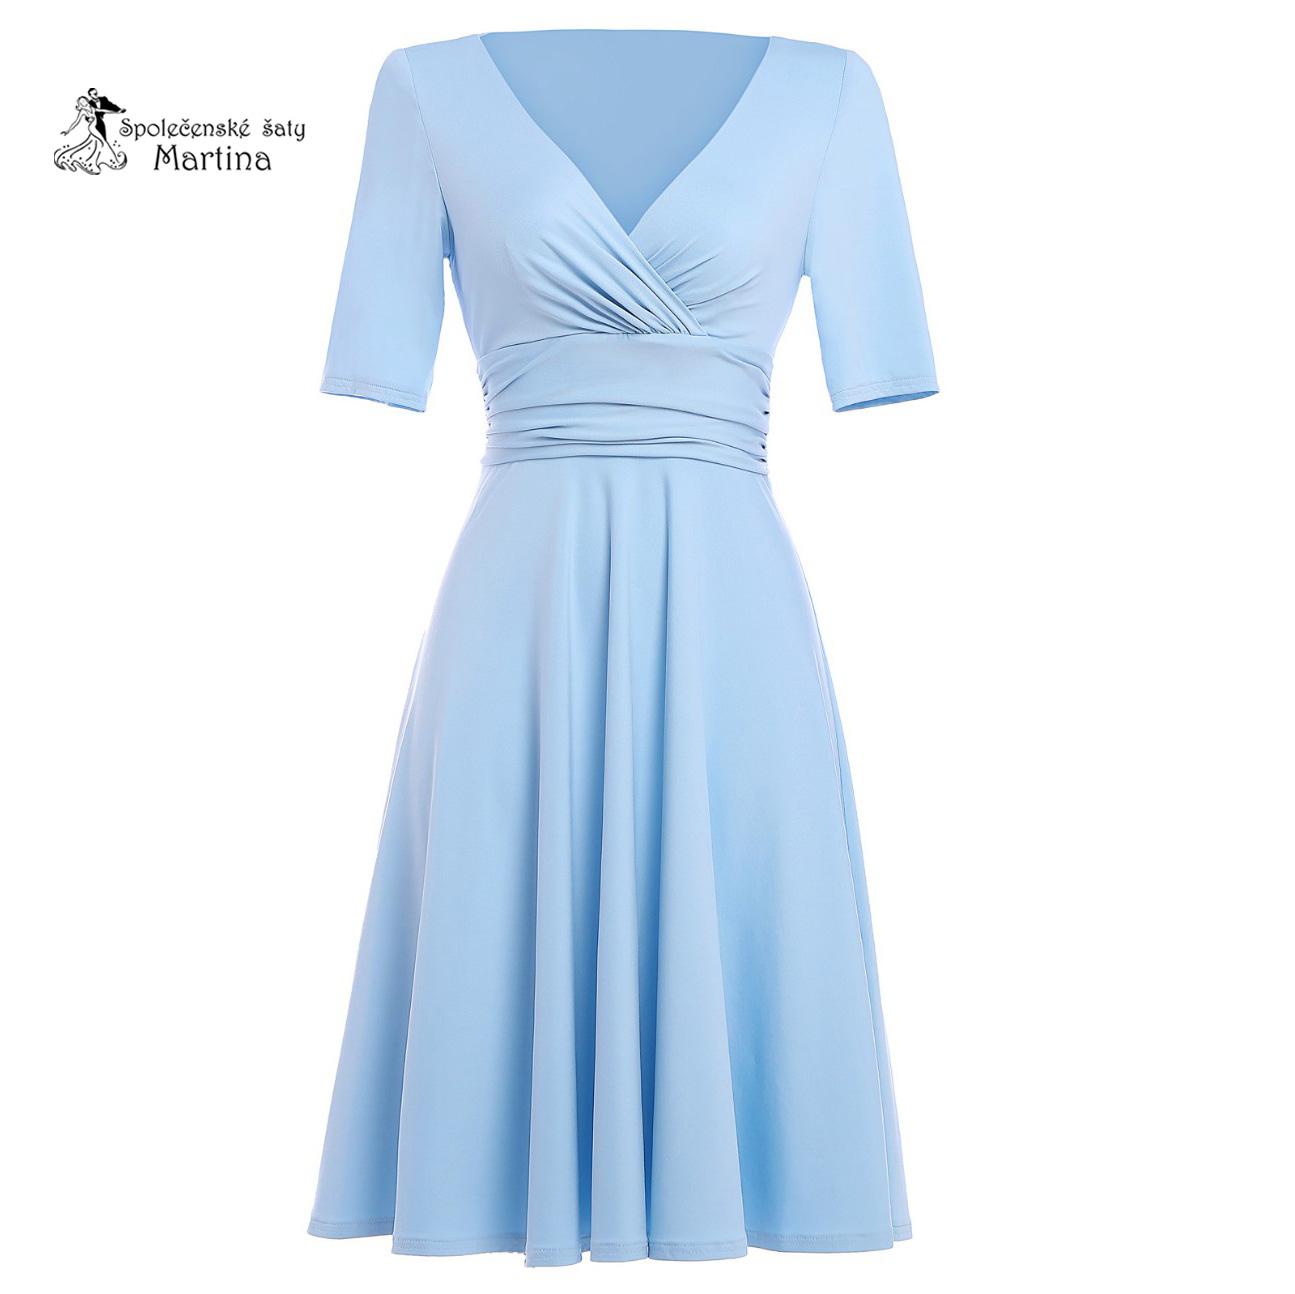 c0344353ce Spoločenské šaty - koktejlové šaty - koktejlky